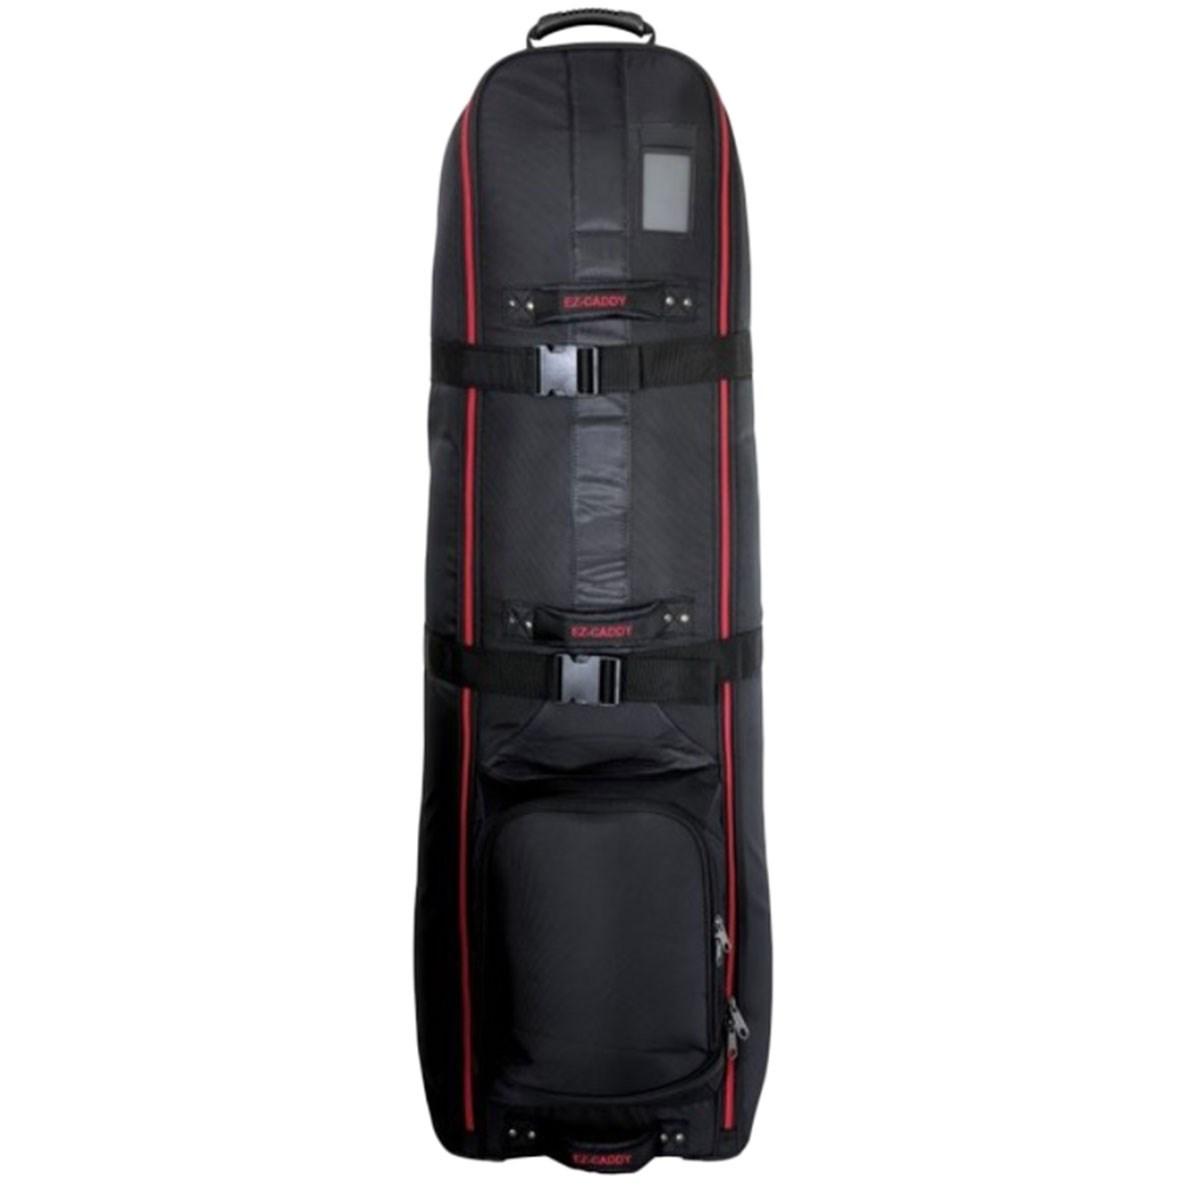 EZ-CADDY トラベルカバー(8.5-9.5型) ブラック/レッド